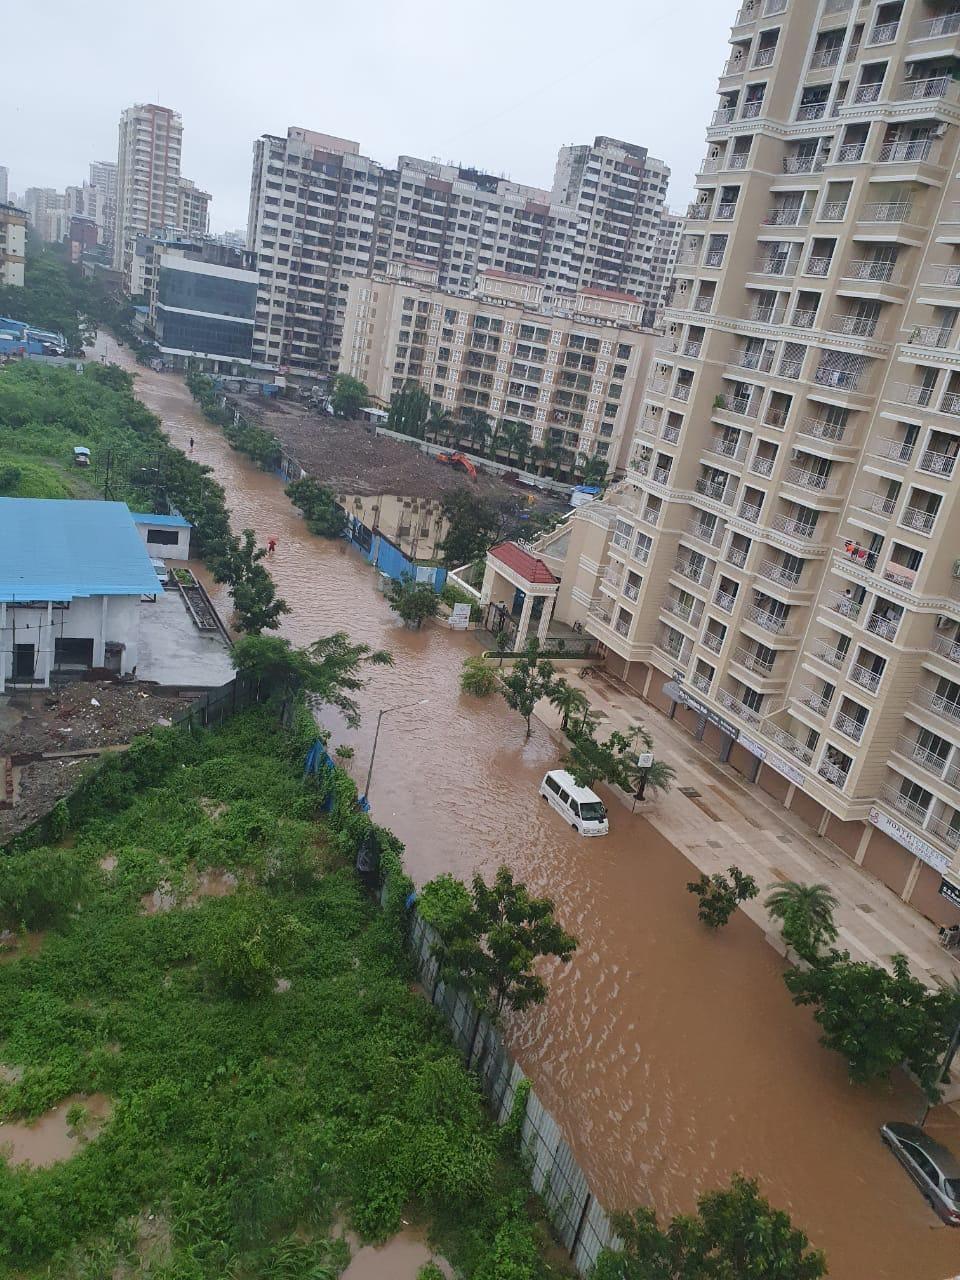 अनेक सखल भागांमध्ये पुन्हा एकदा पाणी साचायला सुरुवात झाली आहे. मुंबई, ठाणे आणि परिसराला मंगळवारी पावसाने झोडपून काढलं. पावसाचा हा जोर पुढचे दोन दिवस कायम राहणार आहे. पुणे वेधशाळेने हा इशारा दिला आहे.